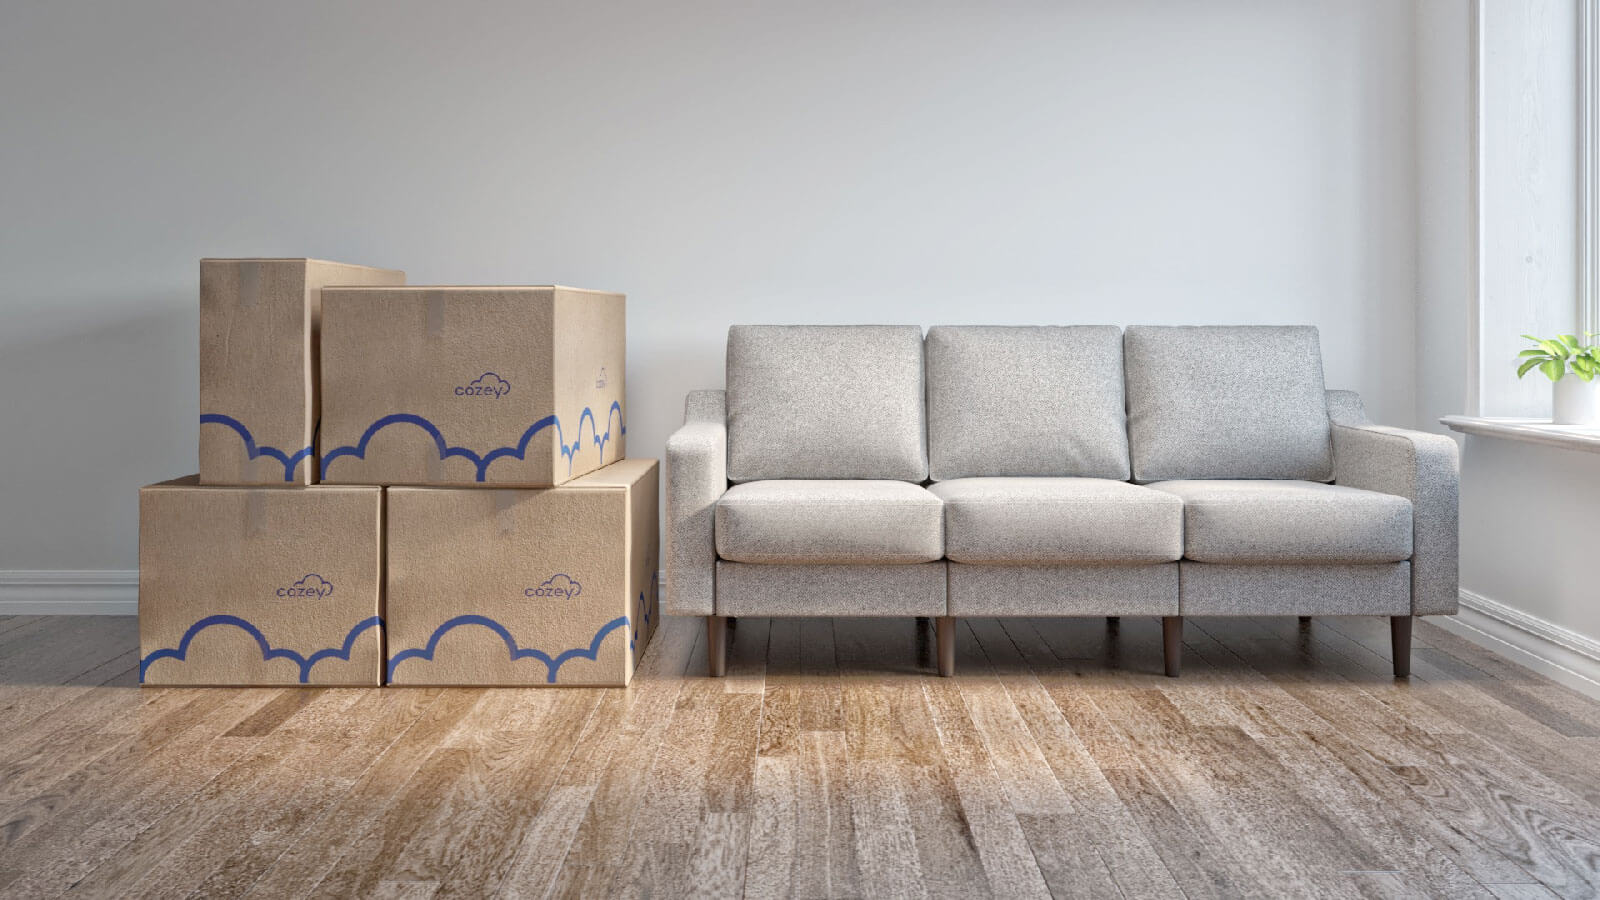 The Cozey Sofa